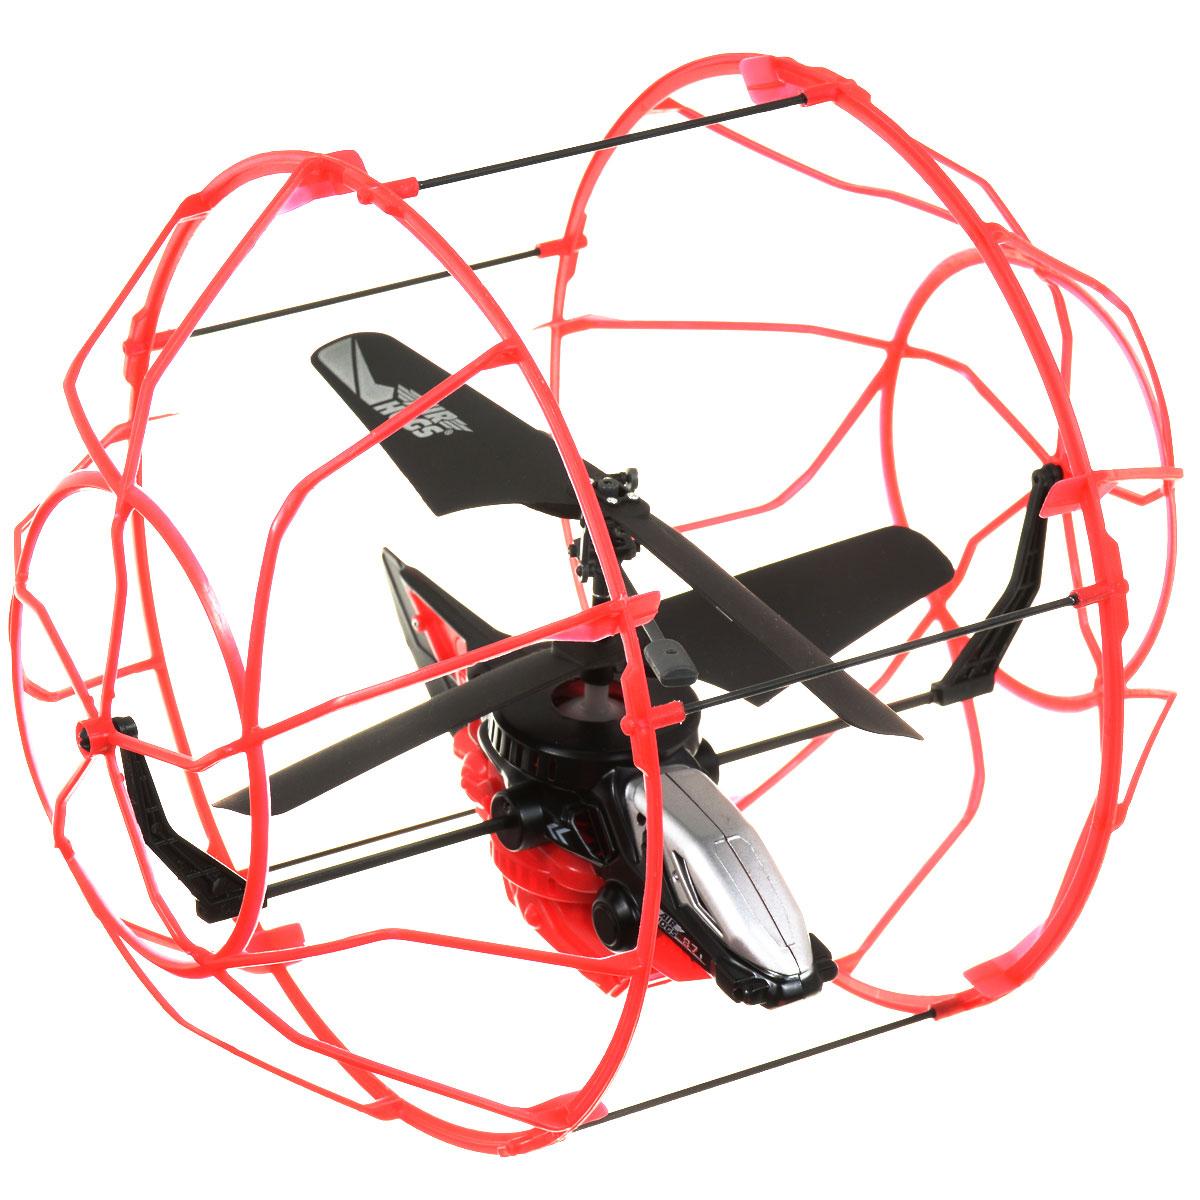 Air Hogs Вертолет на радиоуправлении Roller Copter цвет красный черный44501 краснВертолет в клетке - очередное чудо техники от AirHogs. Этот уникальный вертолет защищен наружной клеткой, которая создает барьер между ним и поверхностью или предметами. Клетка вращается вокруг вертолета, что позволяет ему будто бы забираться на стену. Модель хорошо подойдет новичкам в управлении вертолетами, с помощью которой они будут практиковаться с минимальными повреждениями игрушки. Питание игрушки осуществляется с помощью литий-полимерного аккумулятора с напряжением 3,7 В. Время зарядки - около 30 минут.